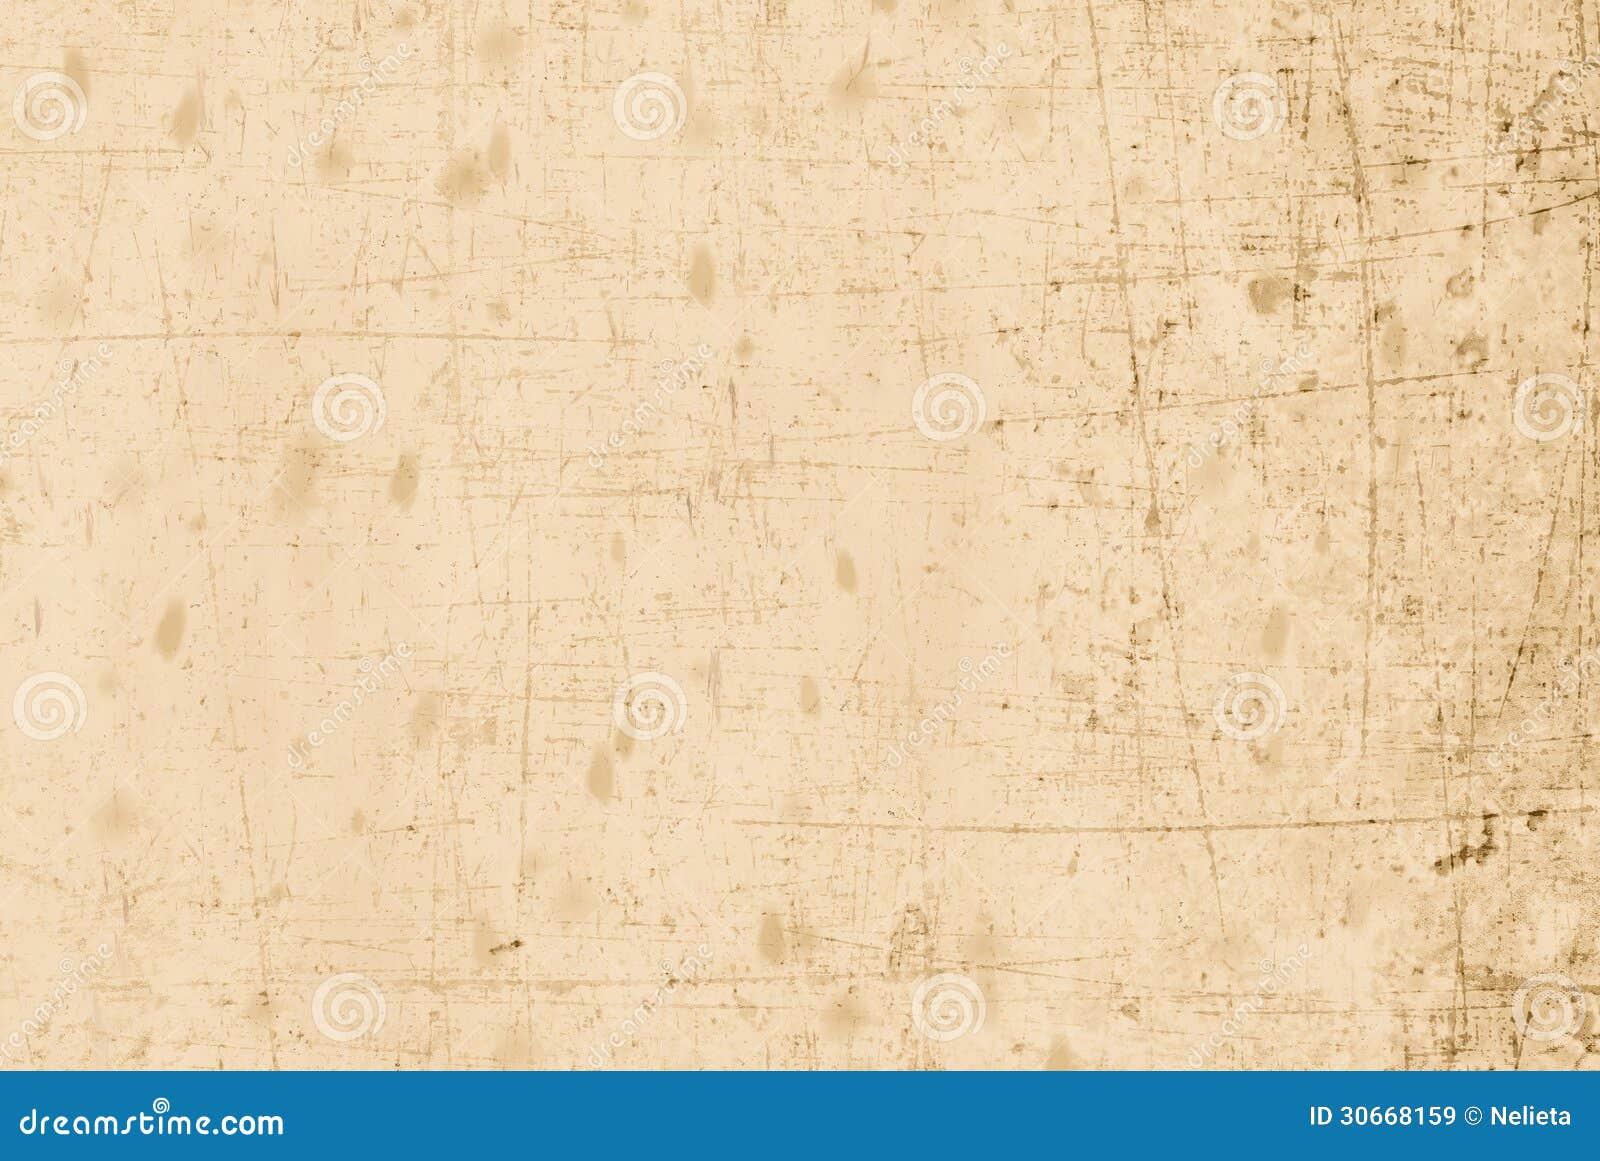 Beżowy stary i porysowany papier